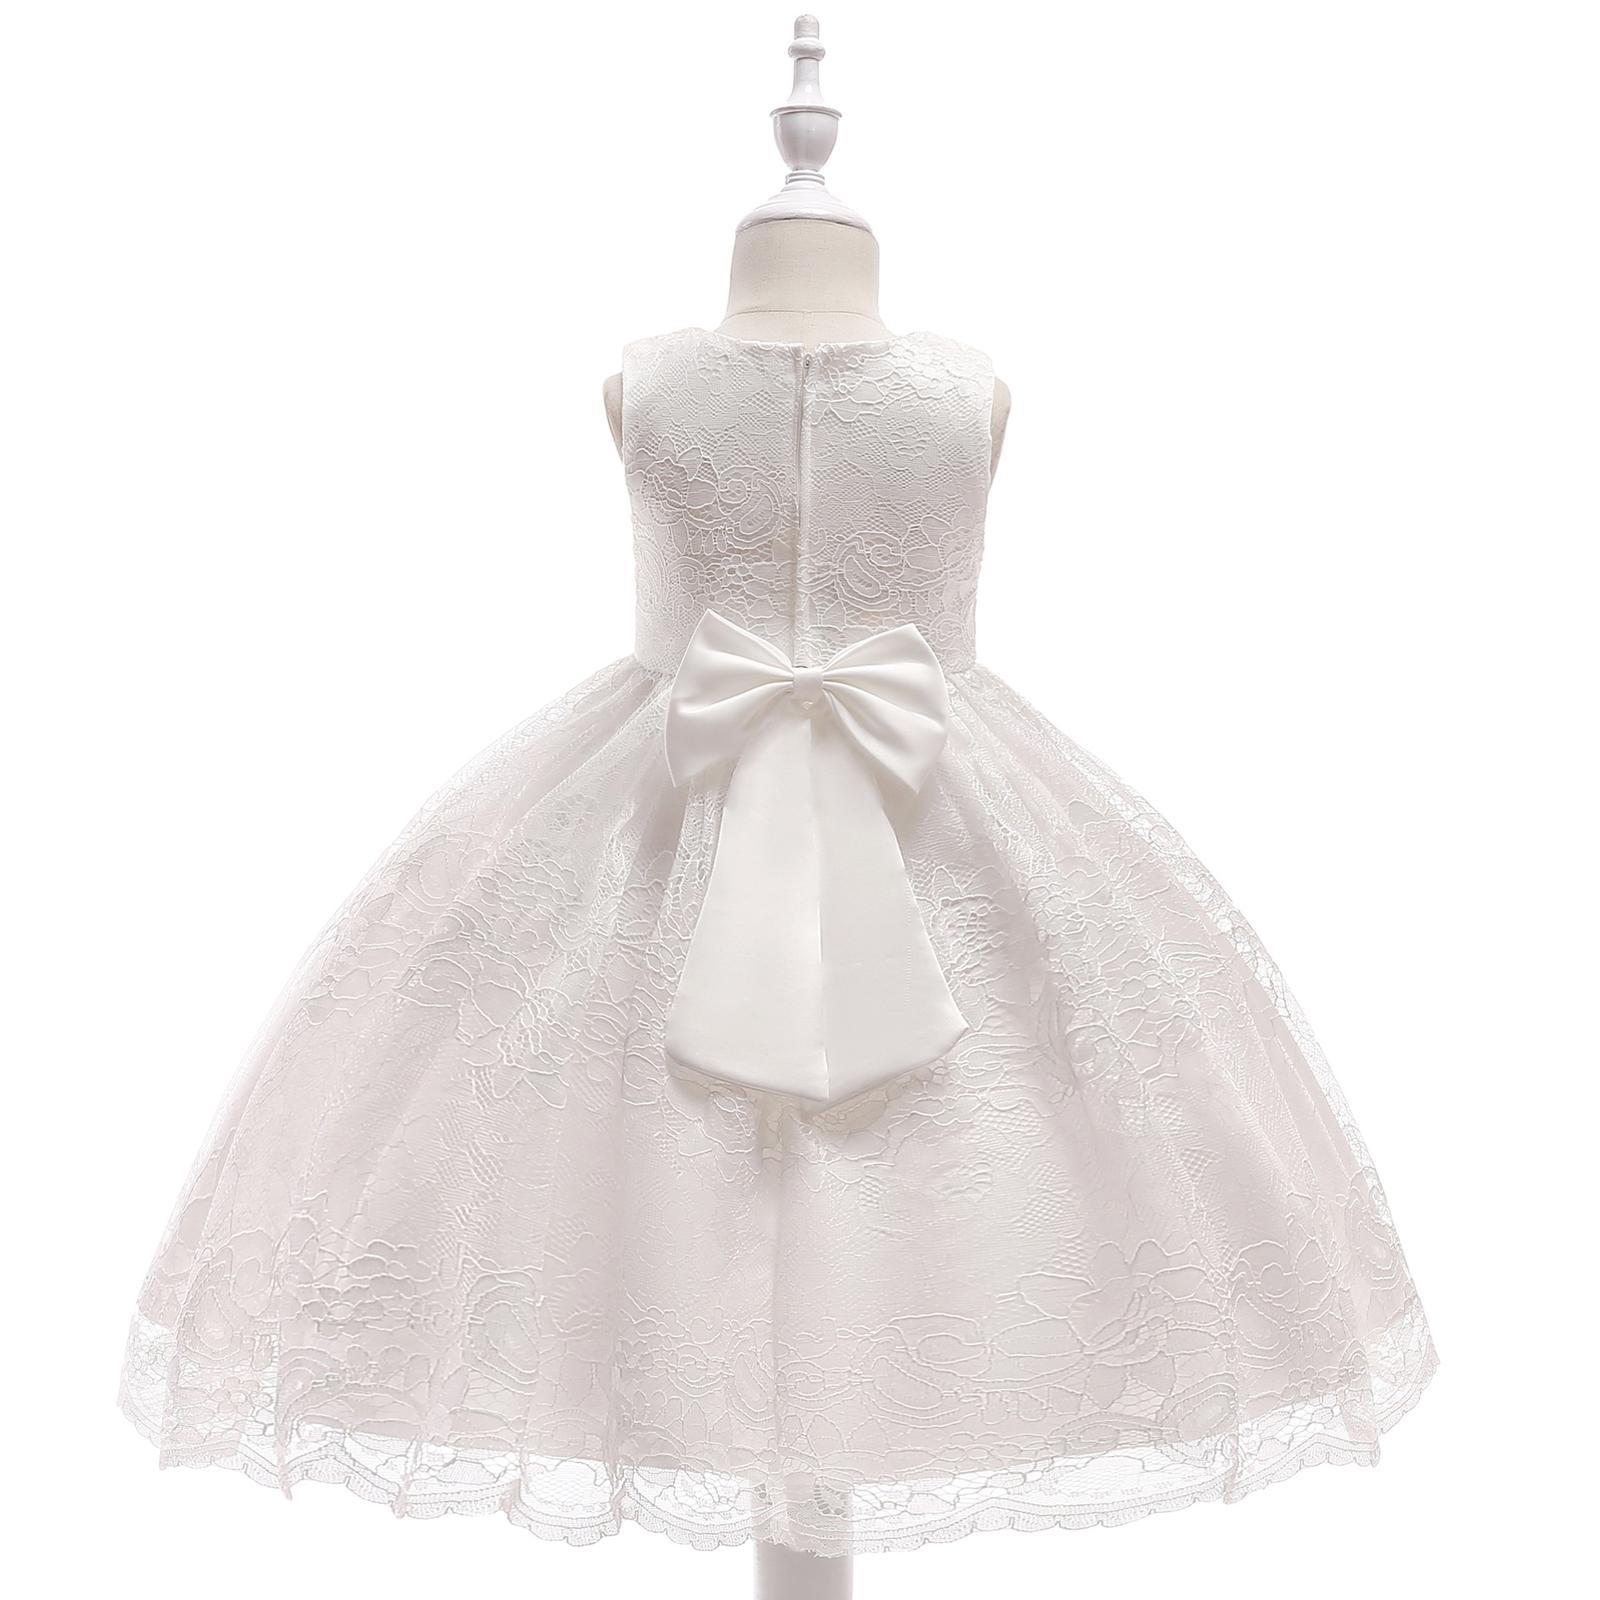 Detské šaty L5020 - skladom - Obrázok č. 3